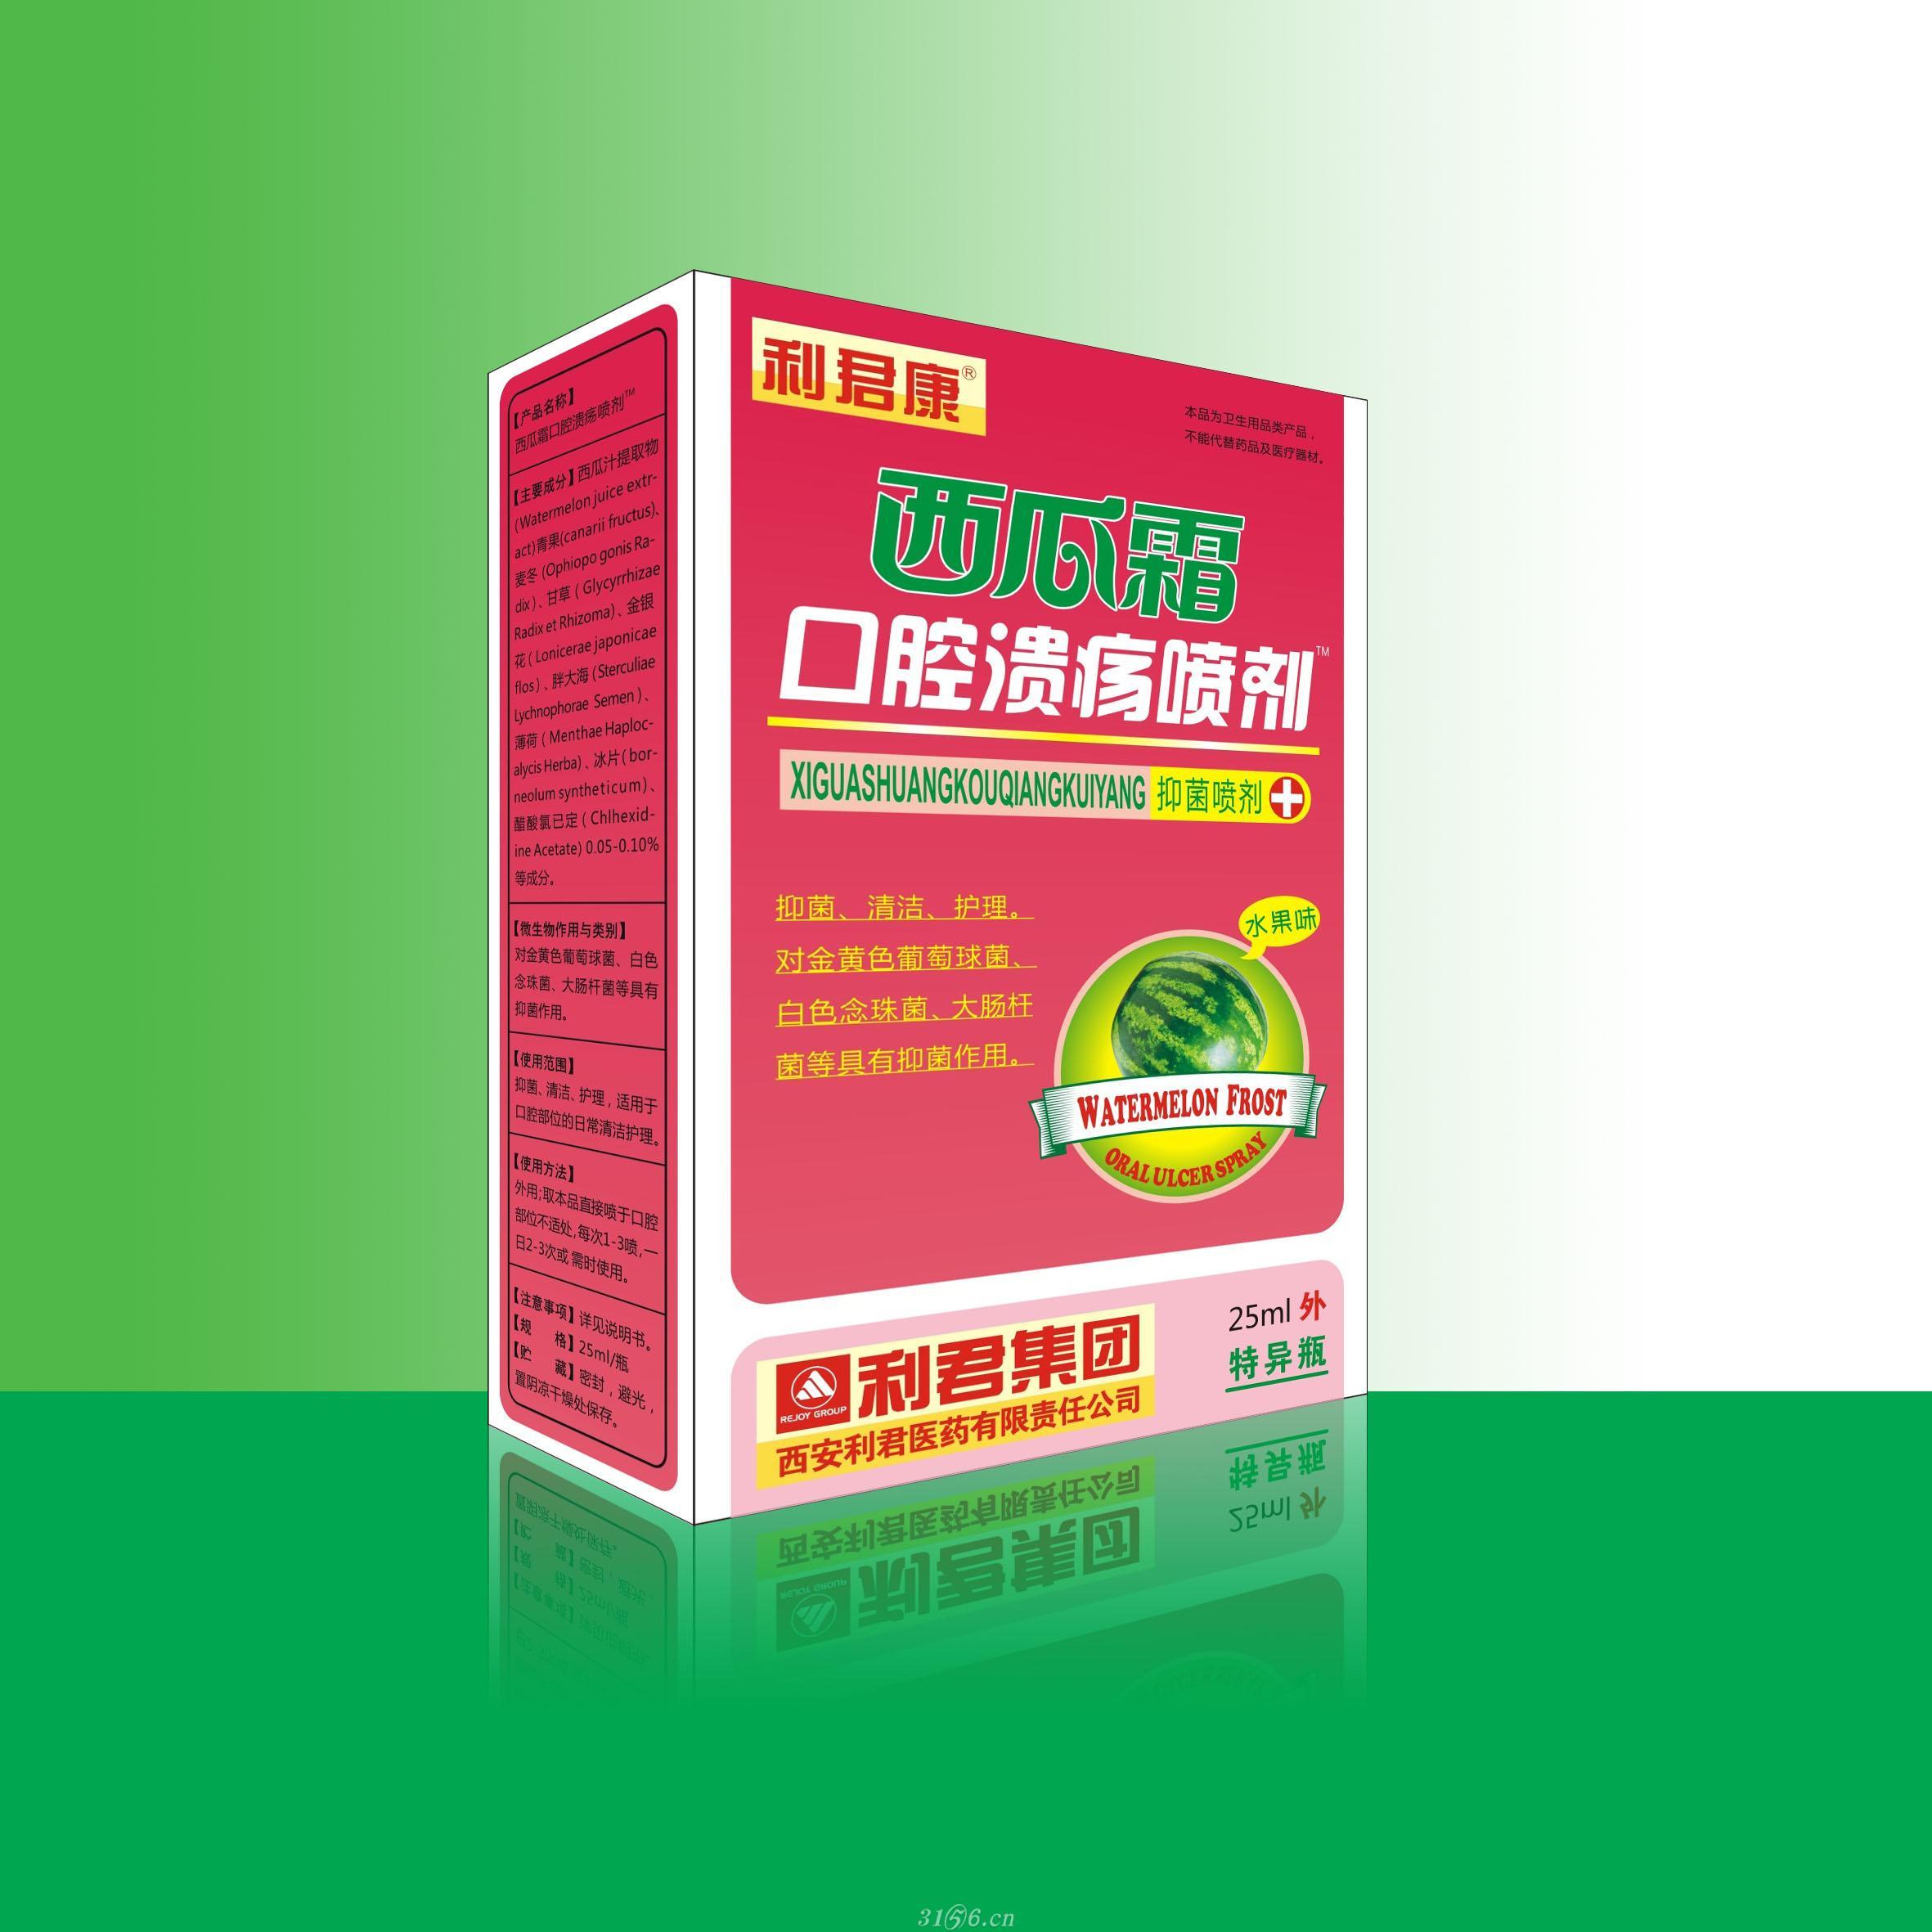 西瓜霜口腔溃疡喷剂